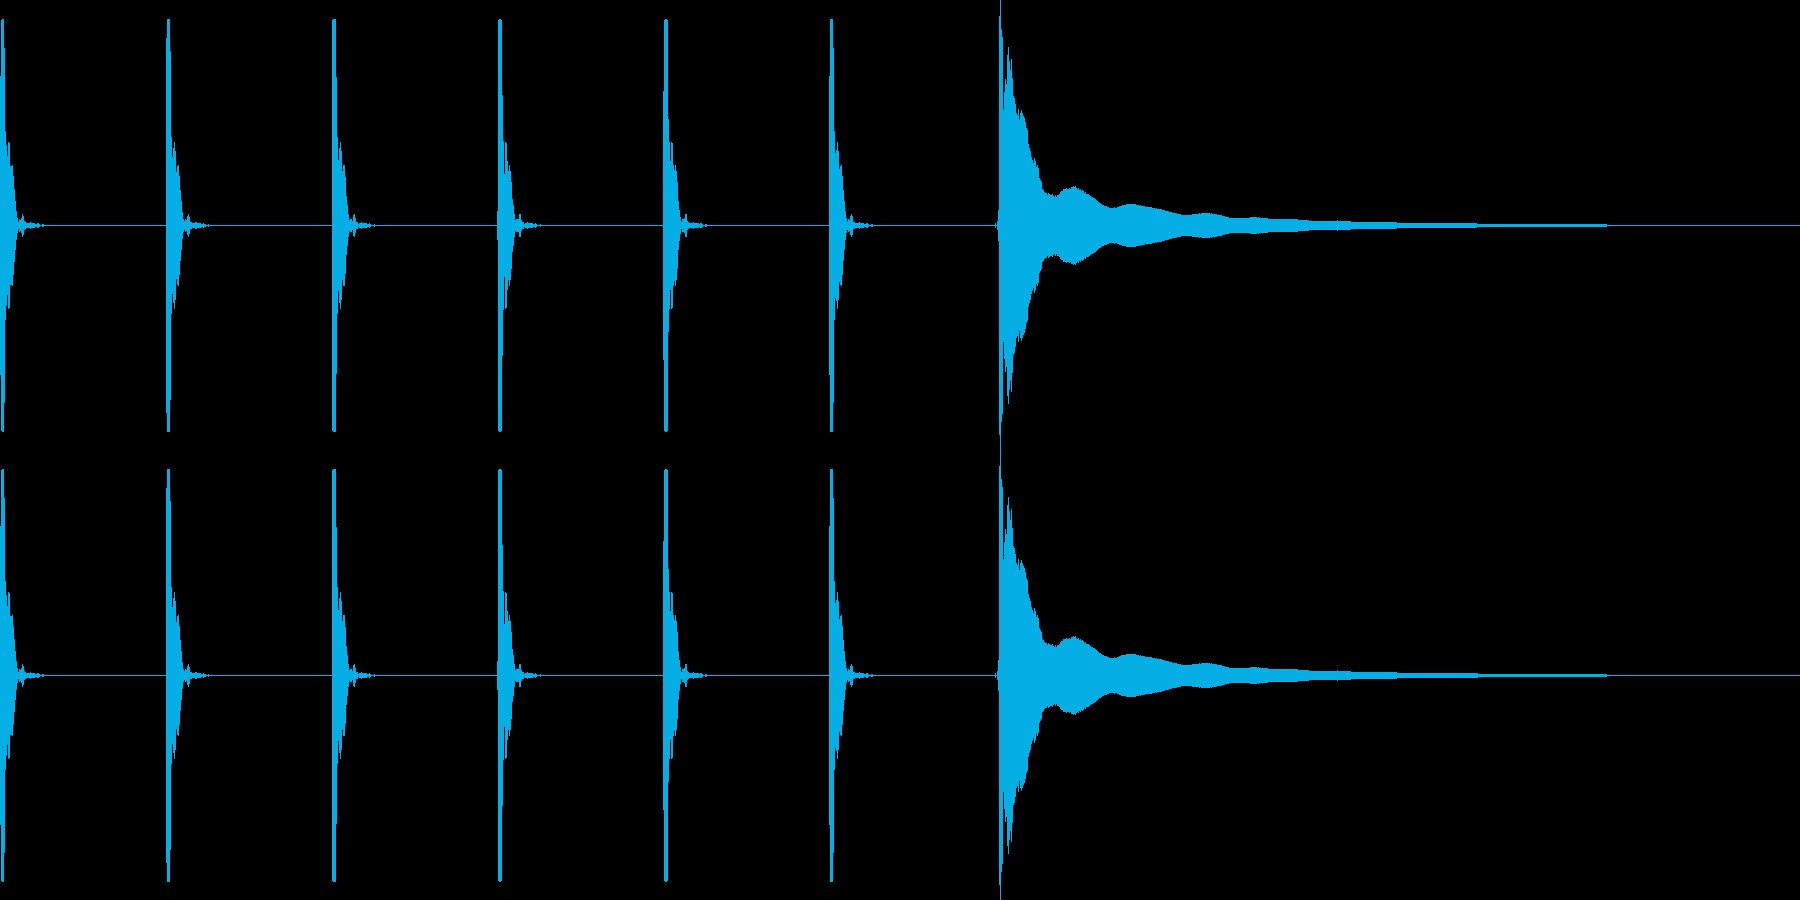 【生録音】ポクポクポク・チーン(早め)の再生済みの波形